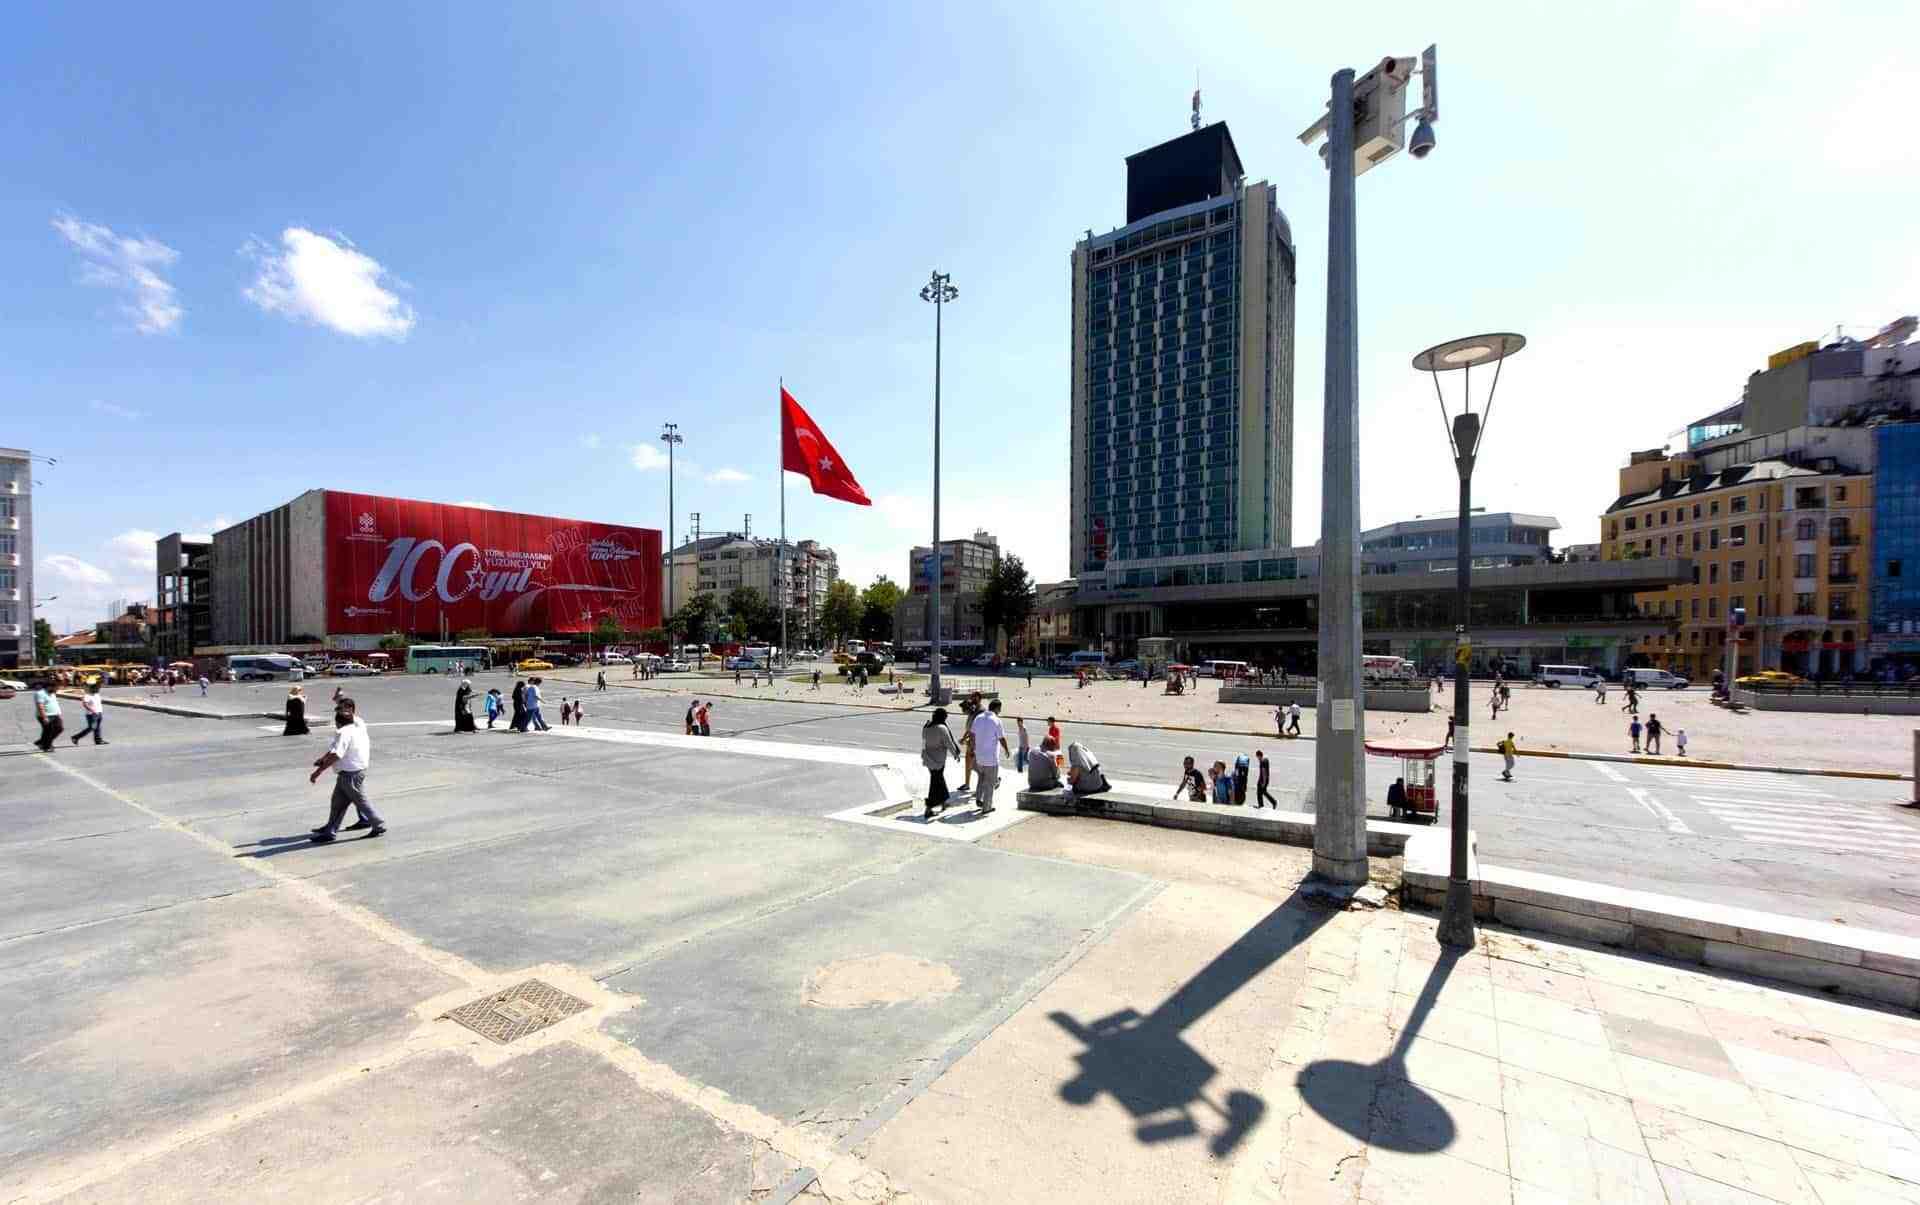 istanbul taksim ataturk kultur merkezi bina giydirme8 - İstanbul Taksim AKM Binası Giydirme